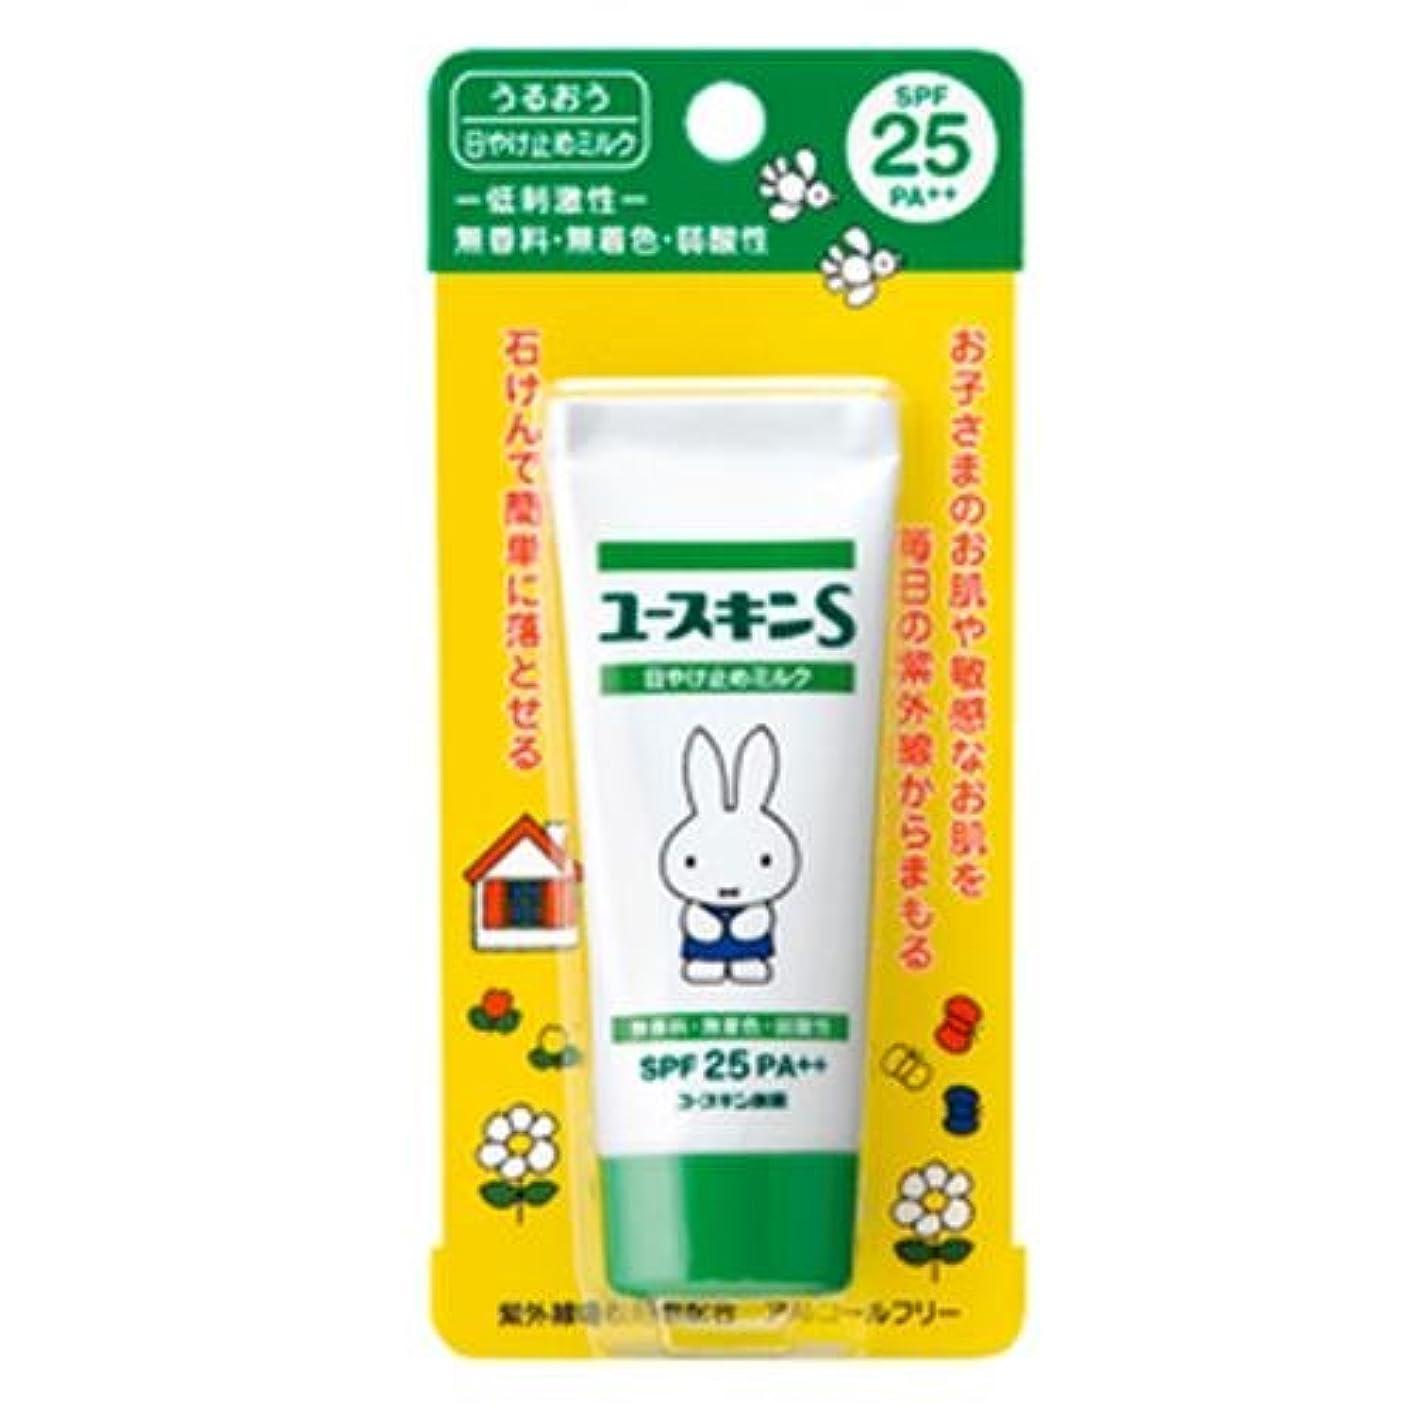 比喩アドバイス尽きるユースキンS UVミルク SPF25 PA++ 40g (敏感肌用 日焼け止め)